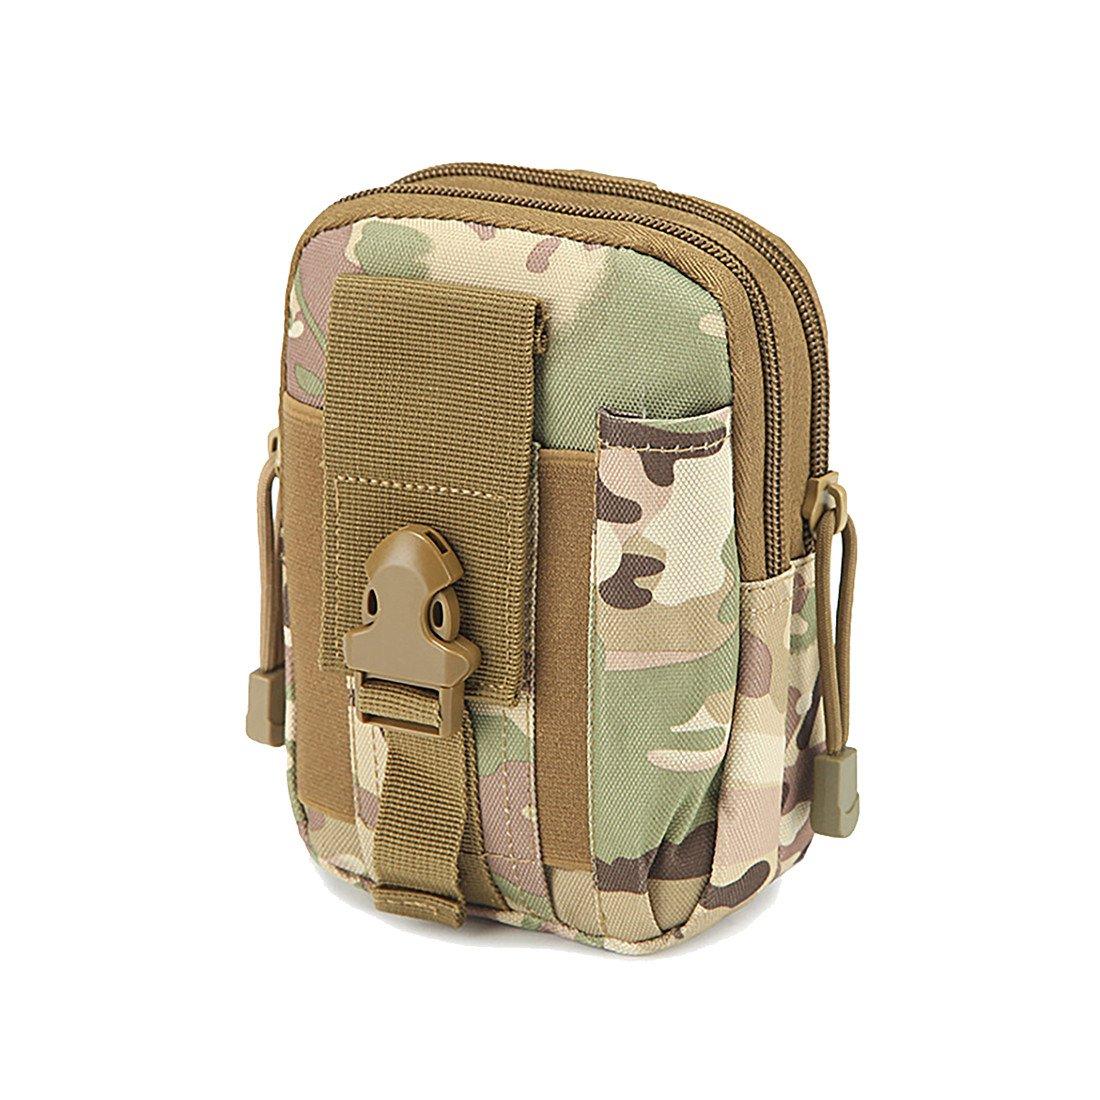 wenyujhタクティカルポーチユーティリティウエストベルトガジェットギアバッグツールオーガナイザーwithセル電話ホルダー B07CD8LPVX  Camouflage 1